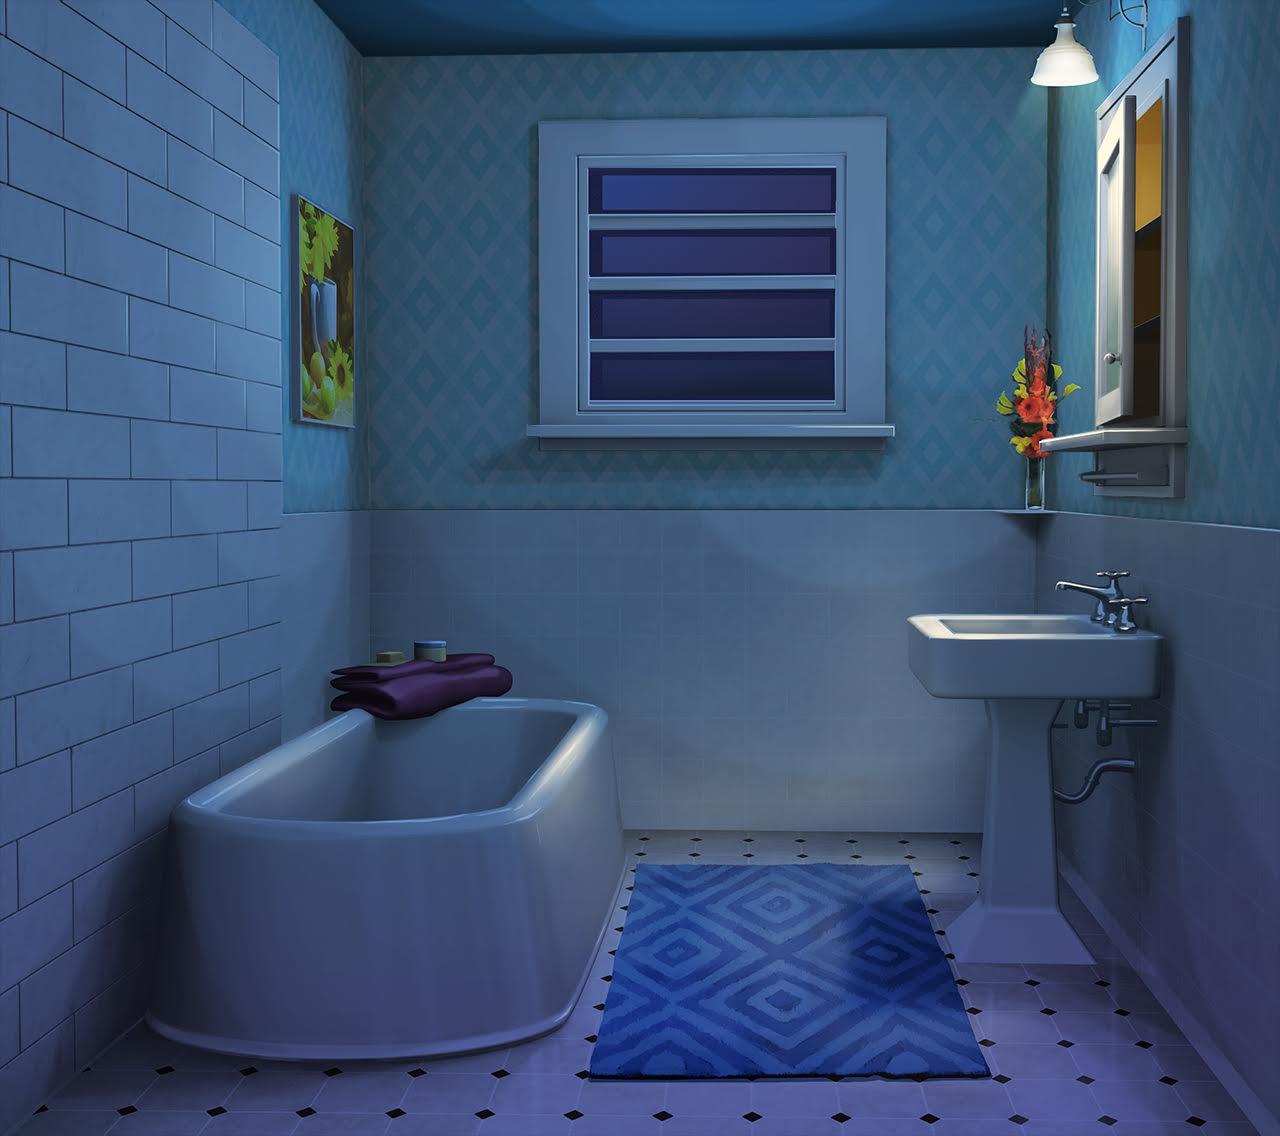 Int Residential Bathroom Sky Blue Night Dekorasi Rumah Dekorasi Rumah